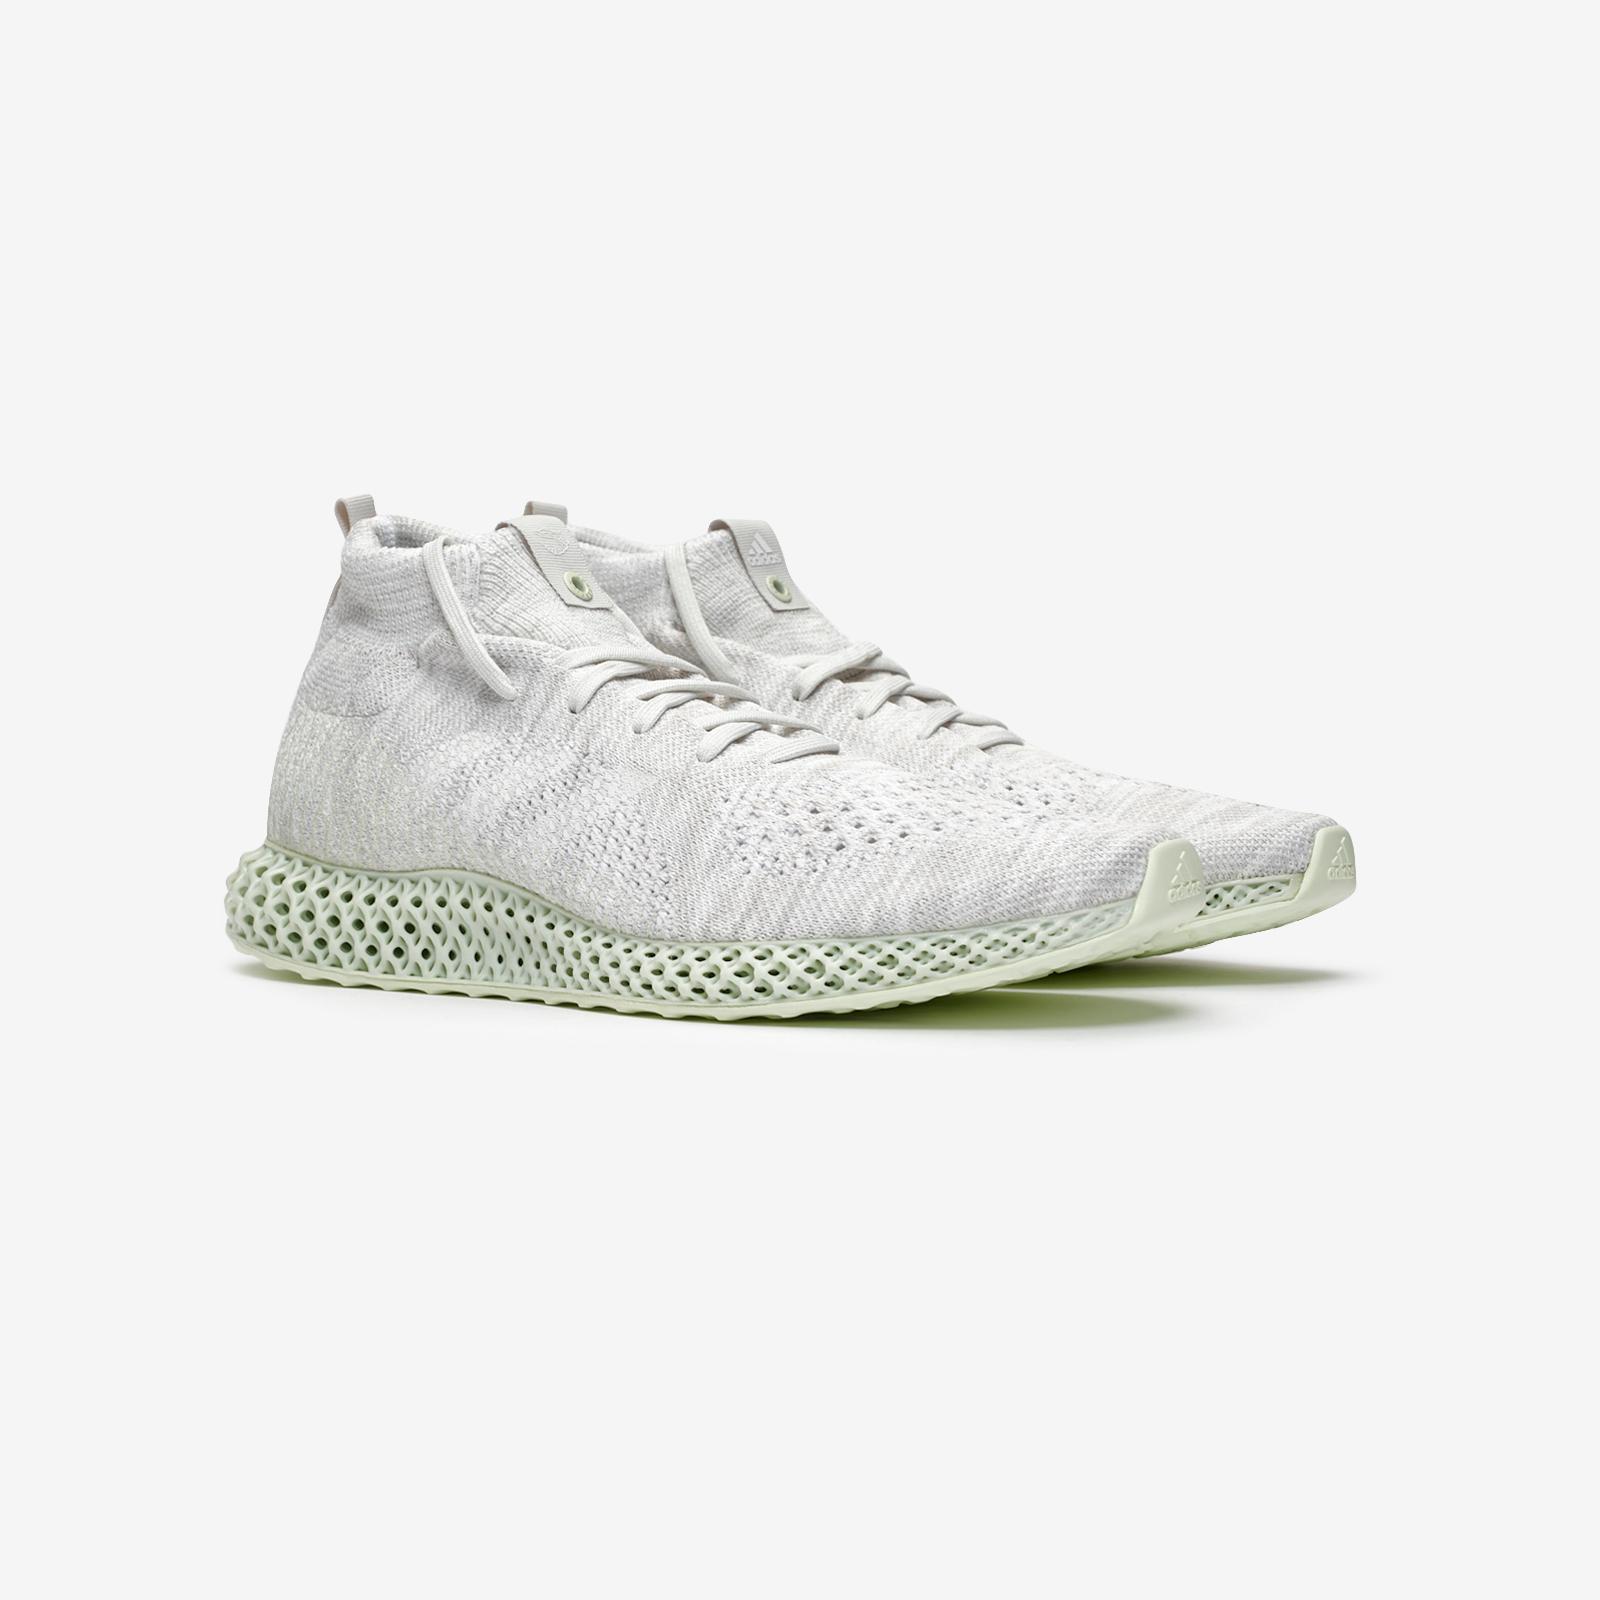 4D Sneakersnstuff adidas Consortium Runner Mid I Ee4116 D2W9YHEI